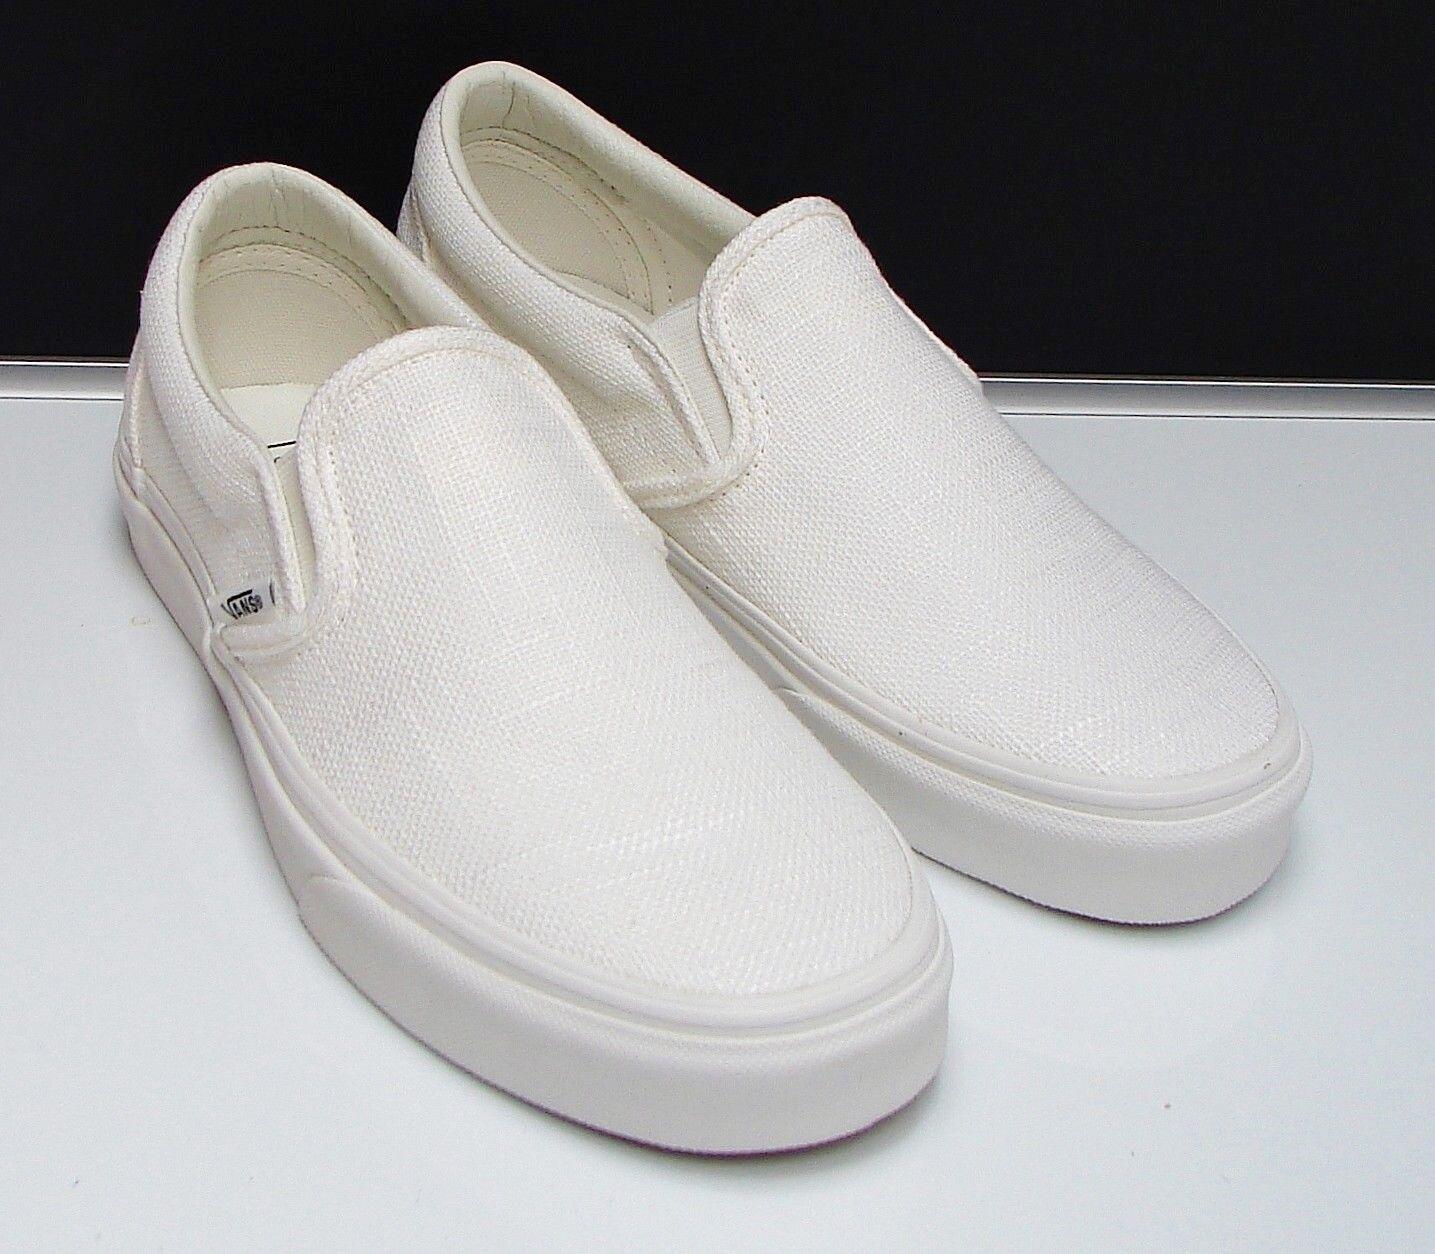 VANS CLASSIC SLIP-ON (HEMP LINEN) white De white  VN-0A38F7NSU Women's size  8